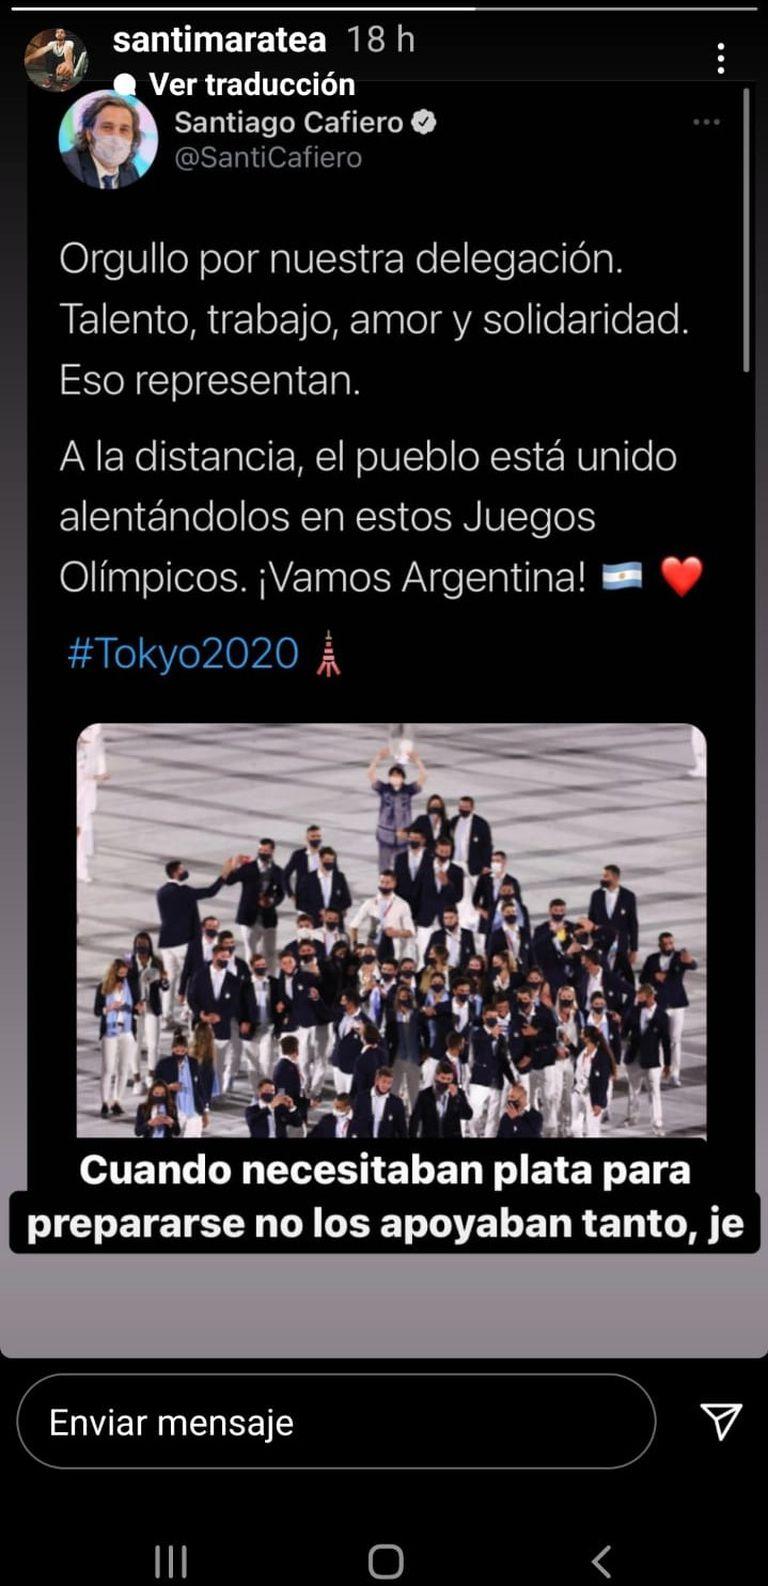 La historia de Instagram en la que Maratea cruzó a Cafiero por los atletas argentinos que habían quedado afuera del Campeonato Sudamericano